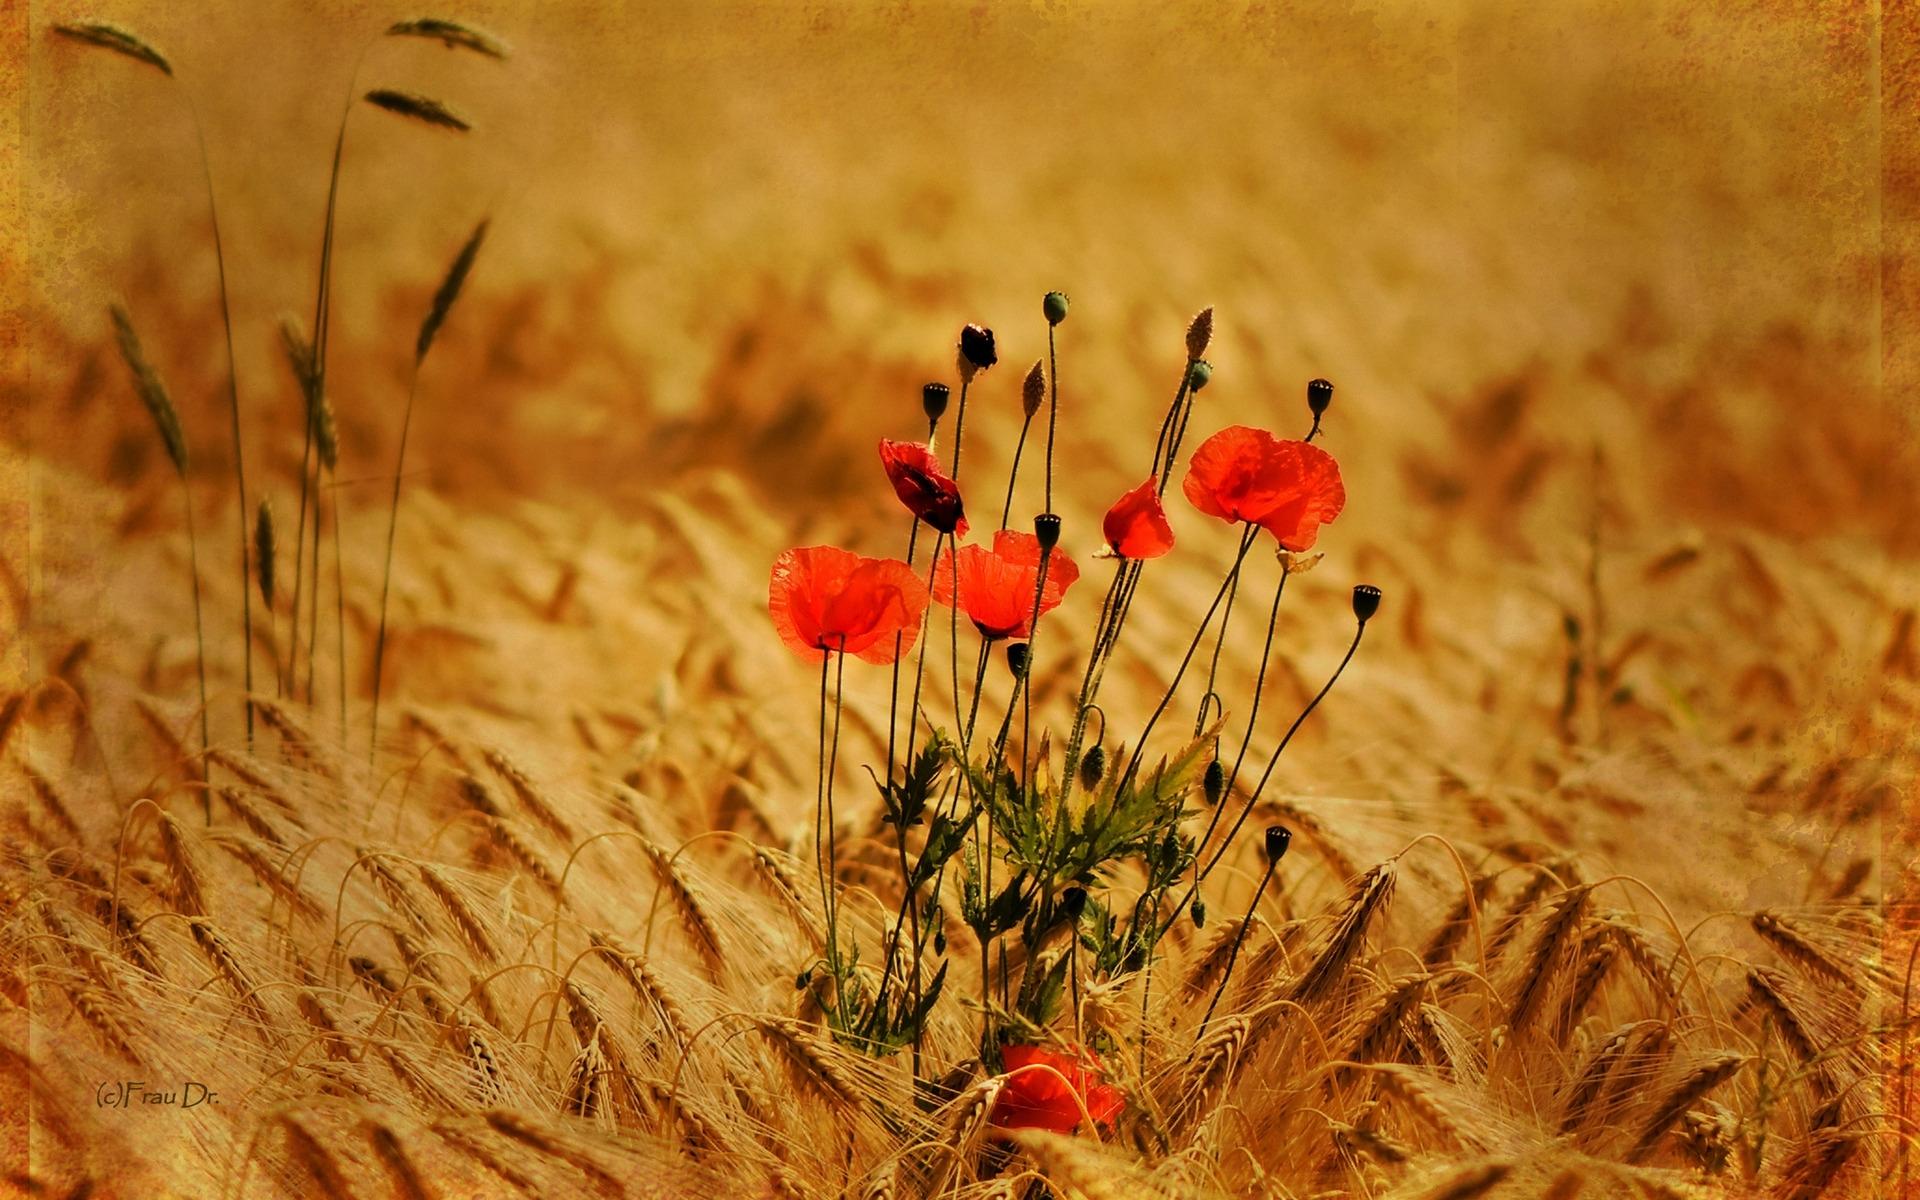 26888 скачать обои Растения, Цветы, Маки, Пшеница - заставки и картинки бесплатно